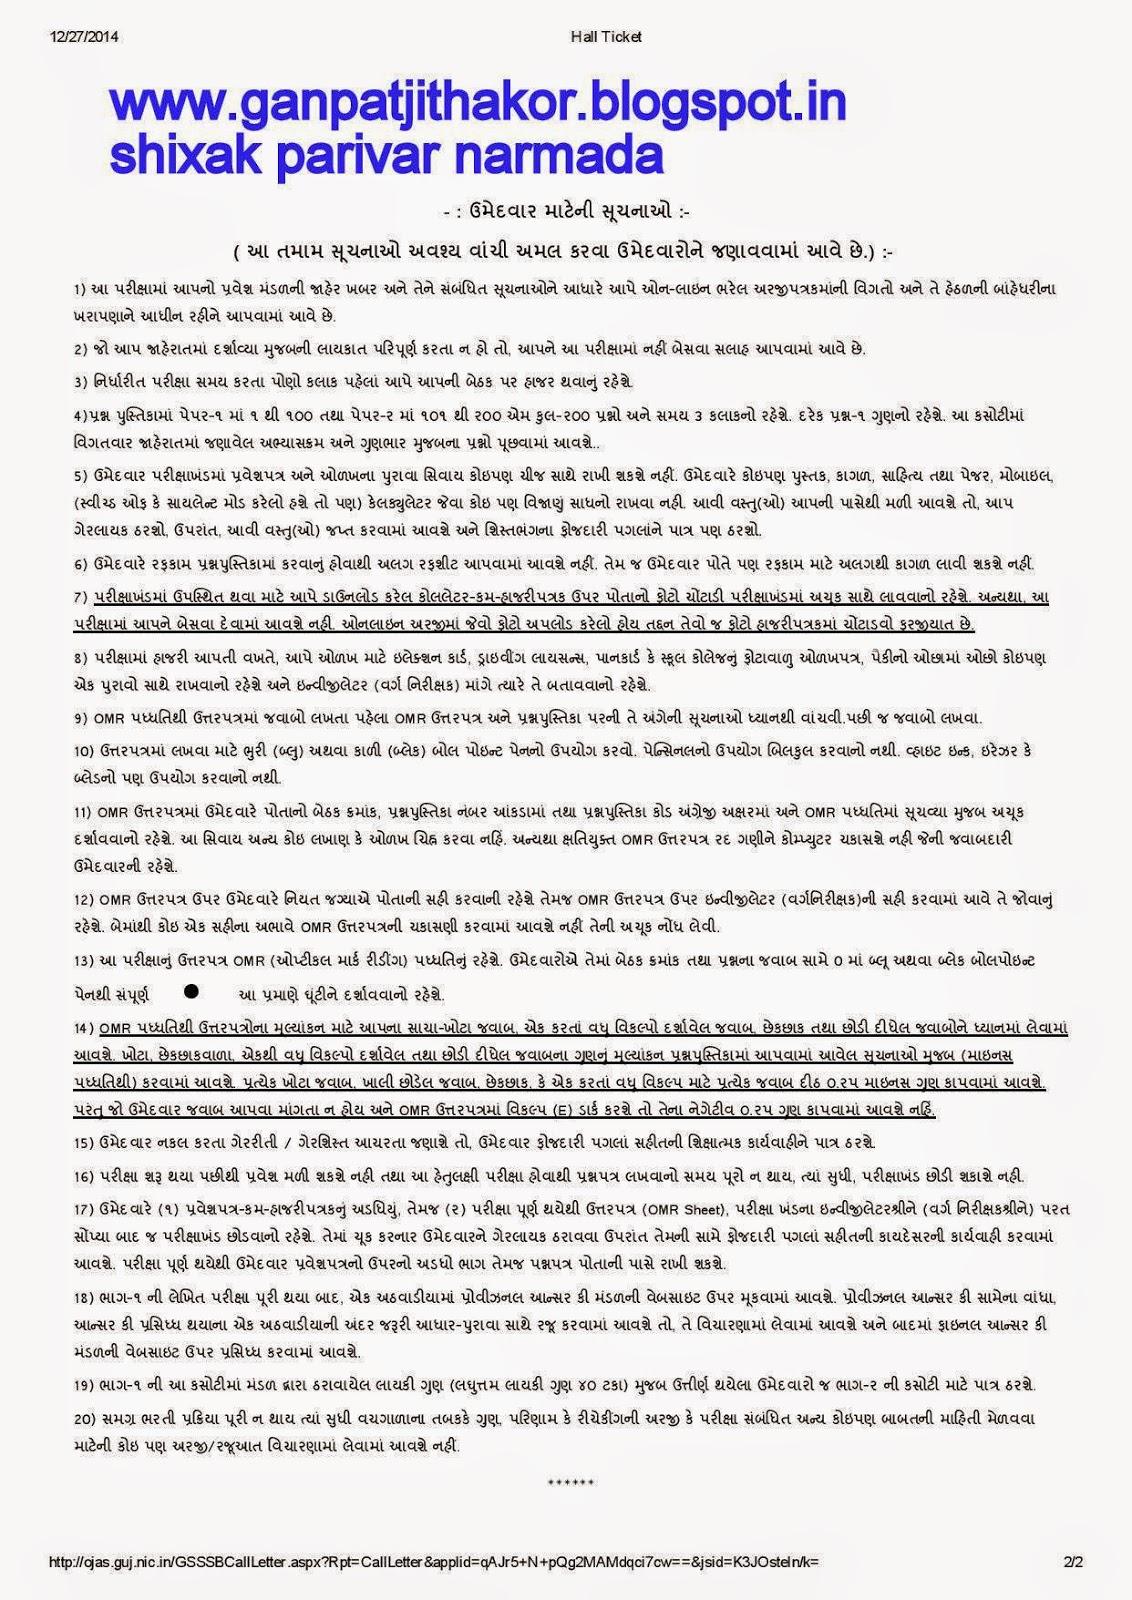 તા-૦૪/૦૧/૧૫ ના રોજ લેવાનારી ઓફિસ આસિટન્ટની પરીક્ષા વખતે ઉમેદવારે ધ્યાનમાં રાખવાની મહત્વની સુચનાઓ